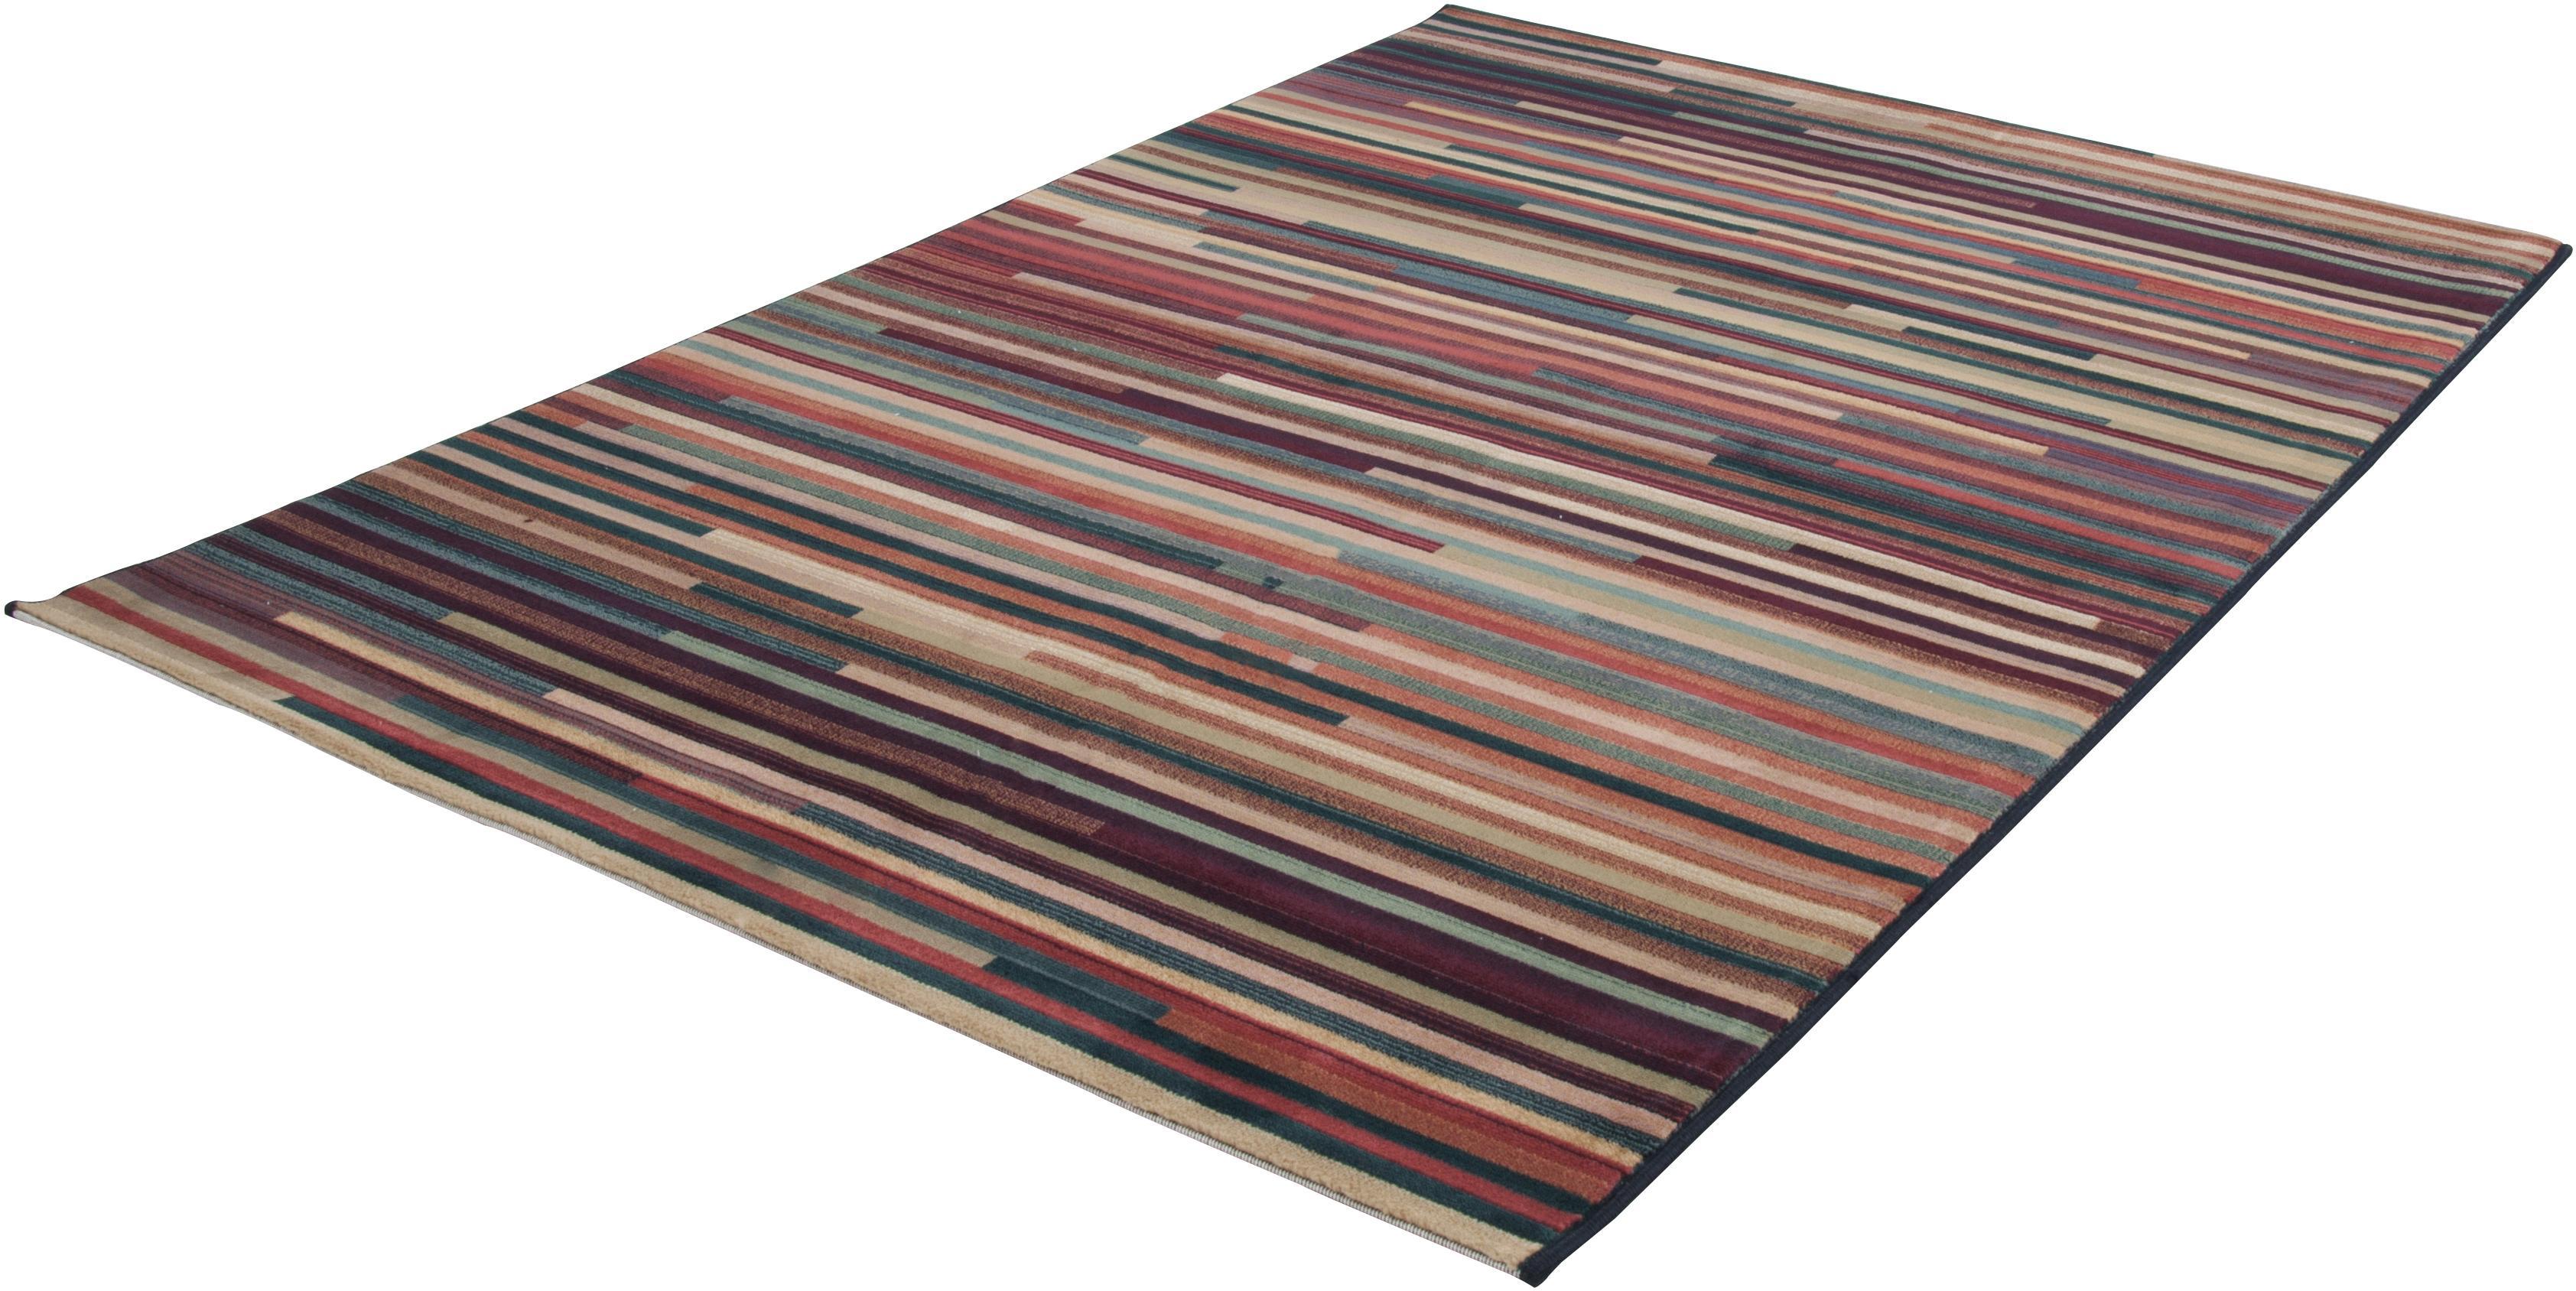 Teppich Gabiro 1728 THEKO rechteckig Höhe 10 mm maschinell gewebt